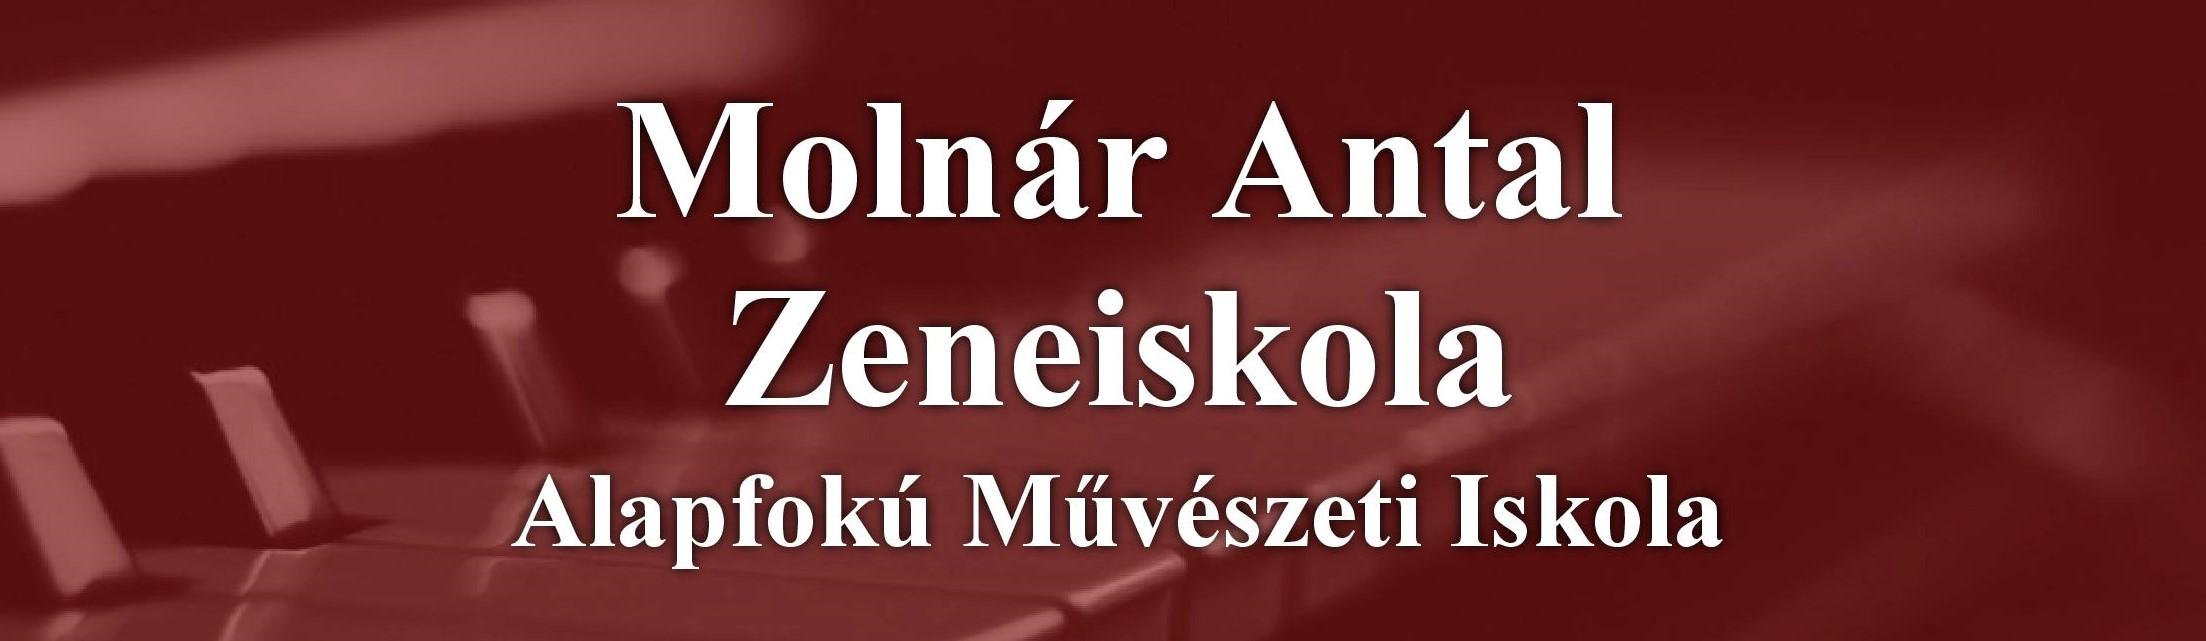 Tájékoztatás a Molnár Antal Zeneiskola további működéséről